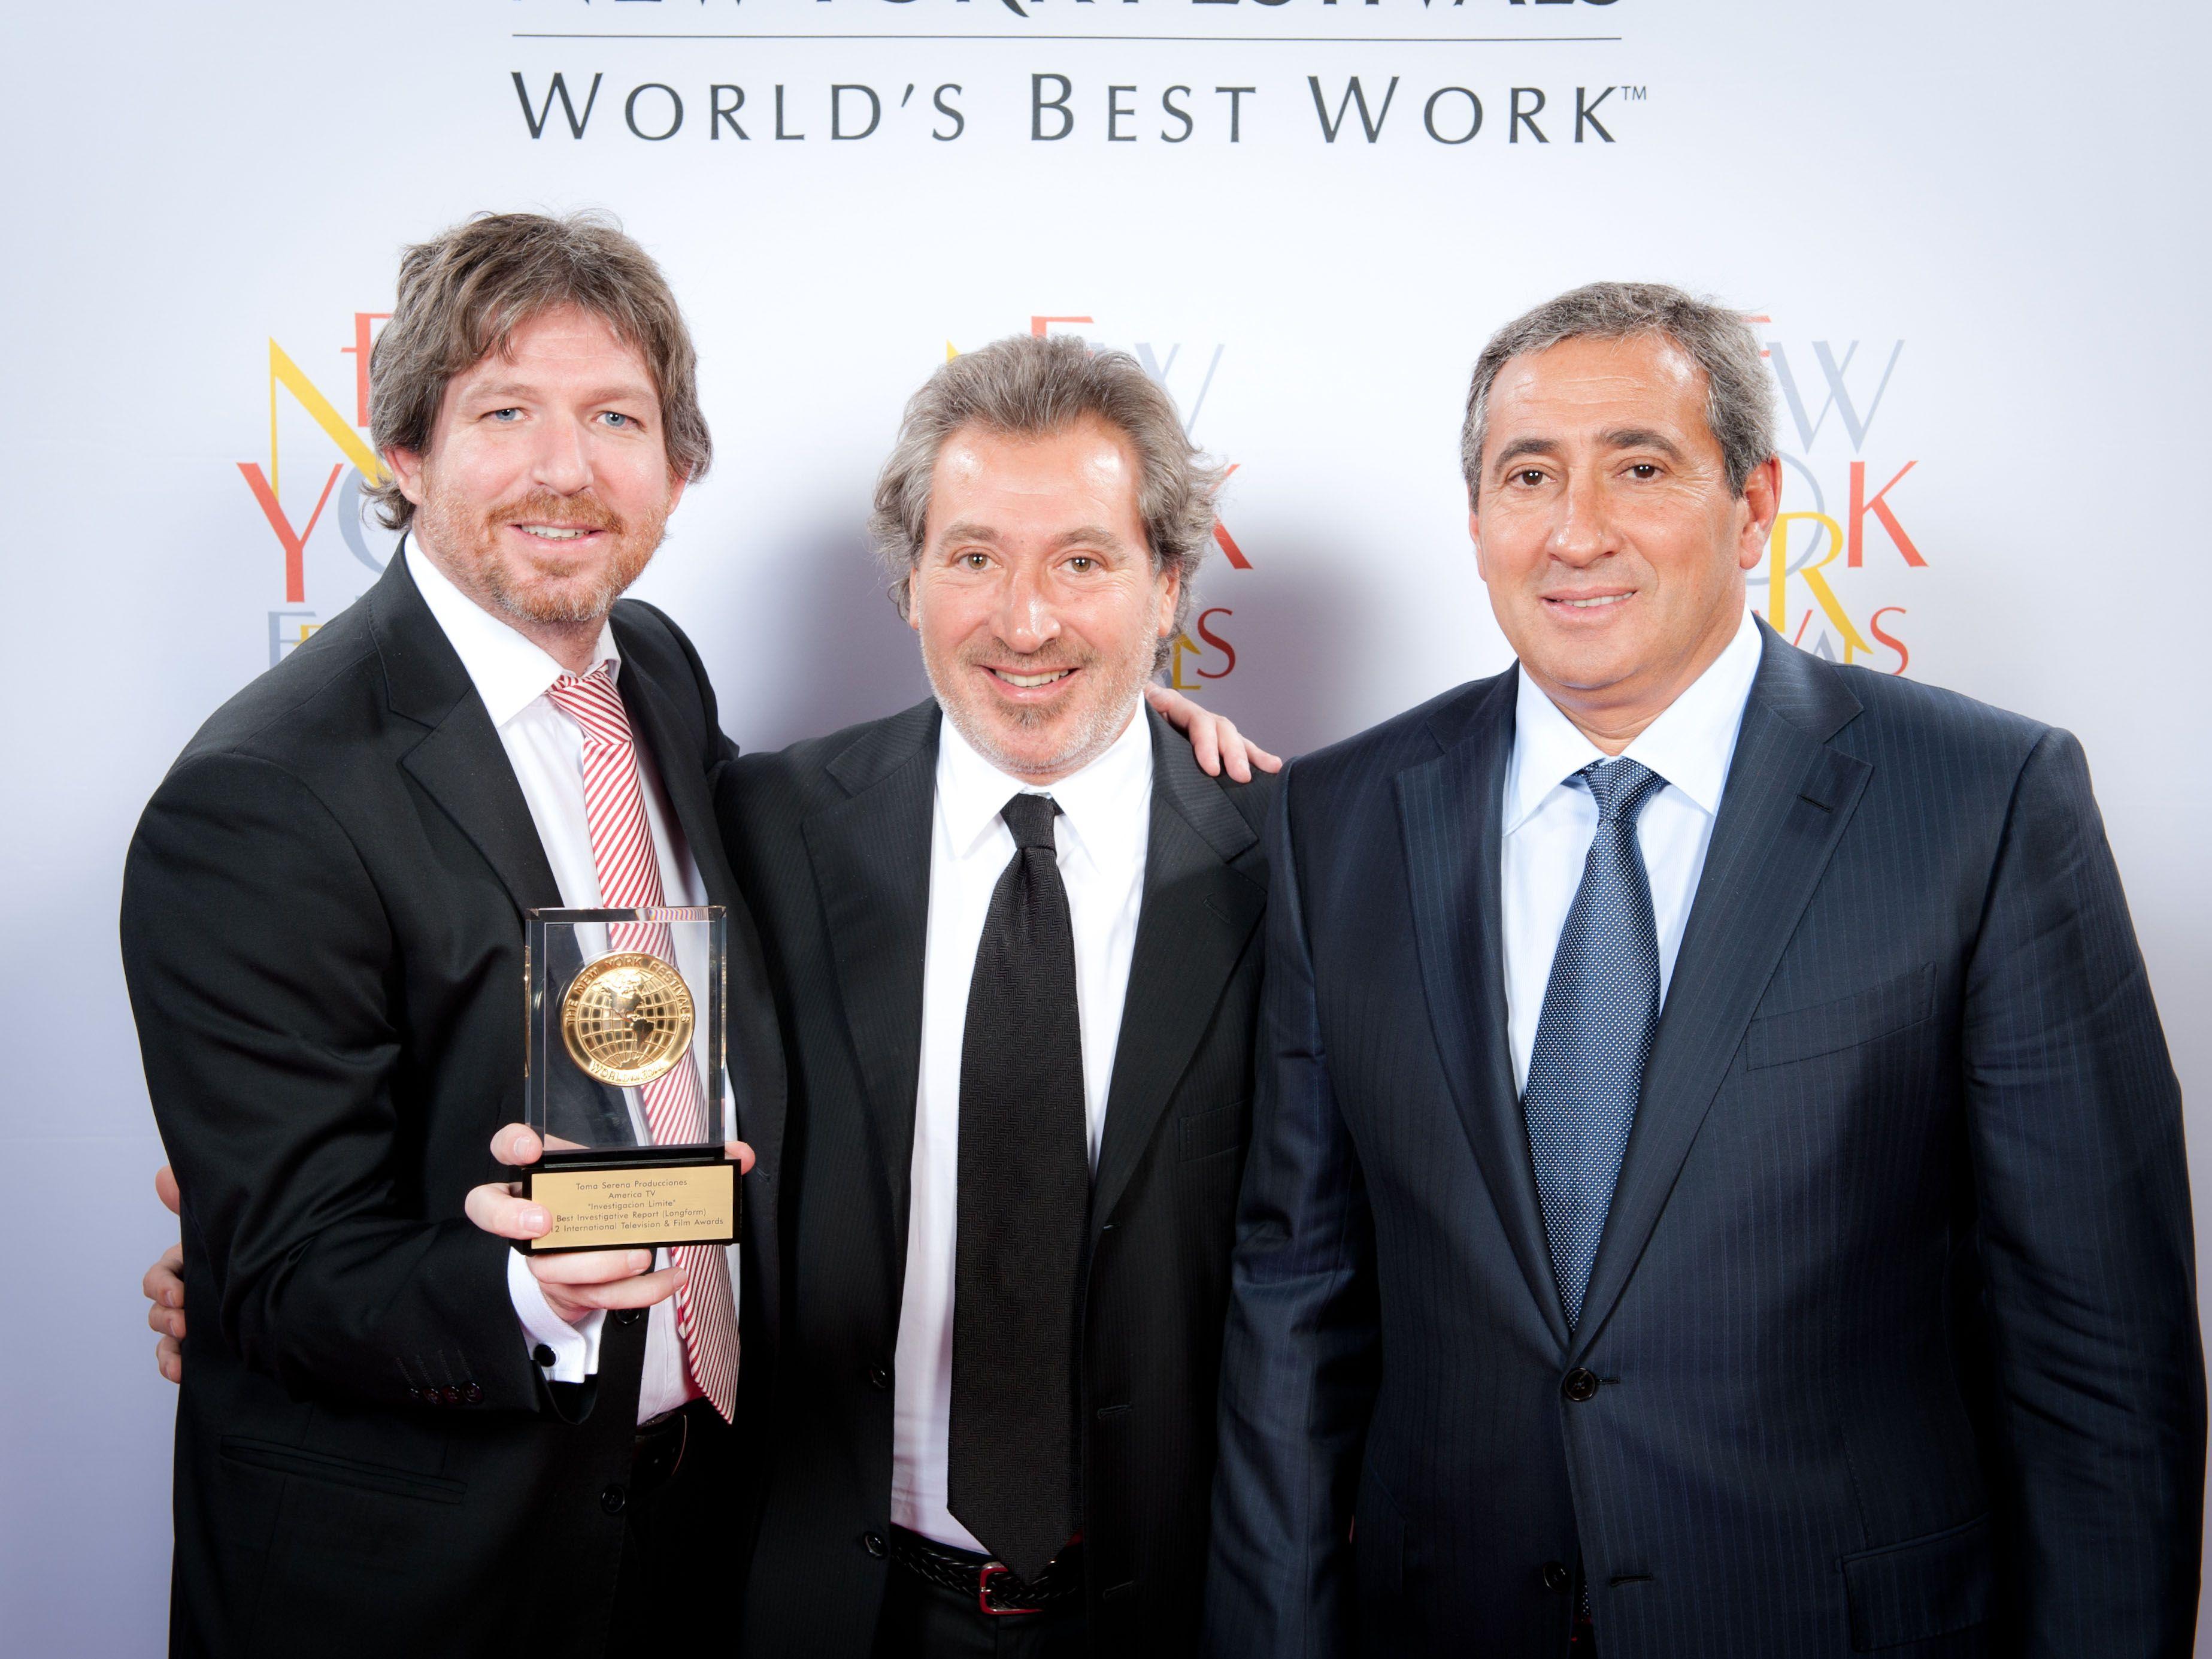 Investigación Límite ganó la medalla de oro del Festival de Nueva York